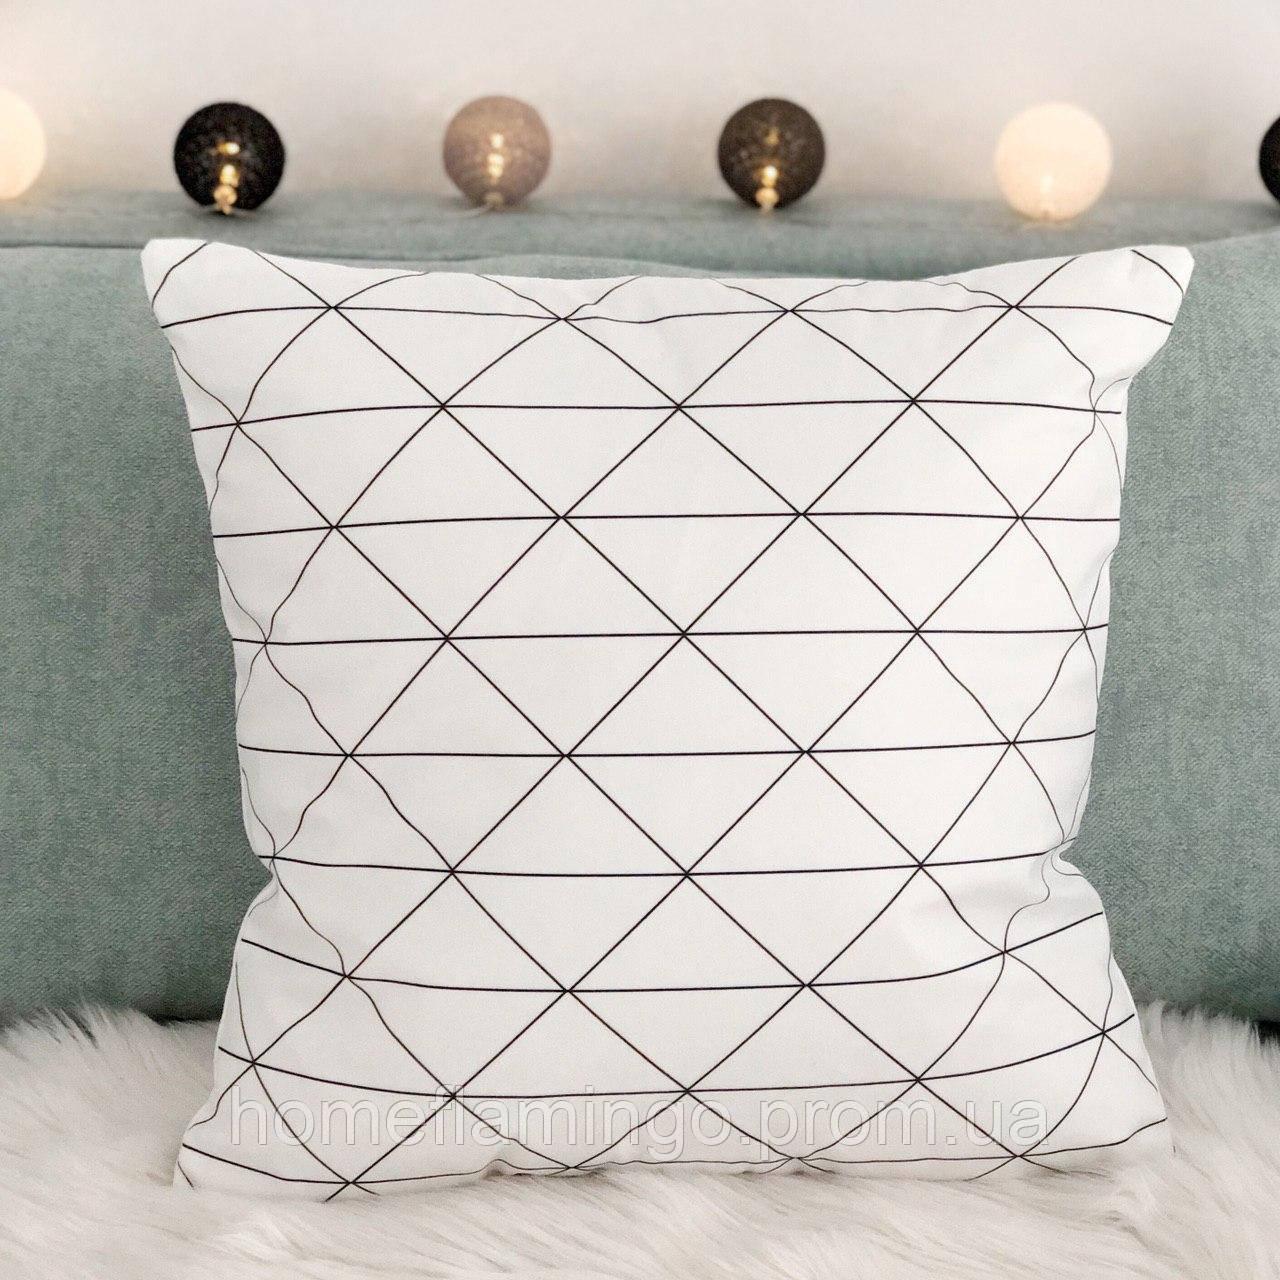 Декоративная подушка велюровая с геометрическим  принтом